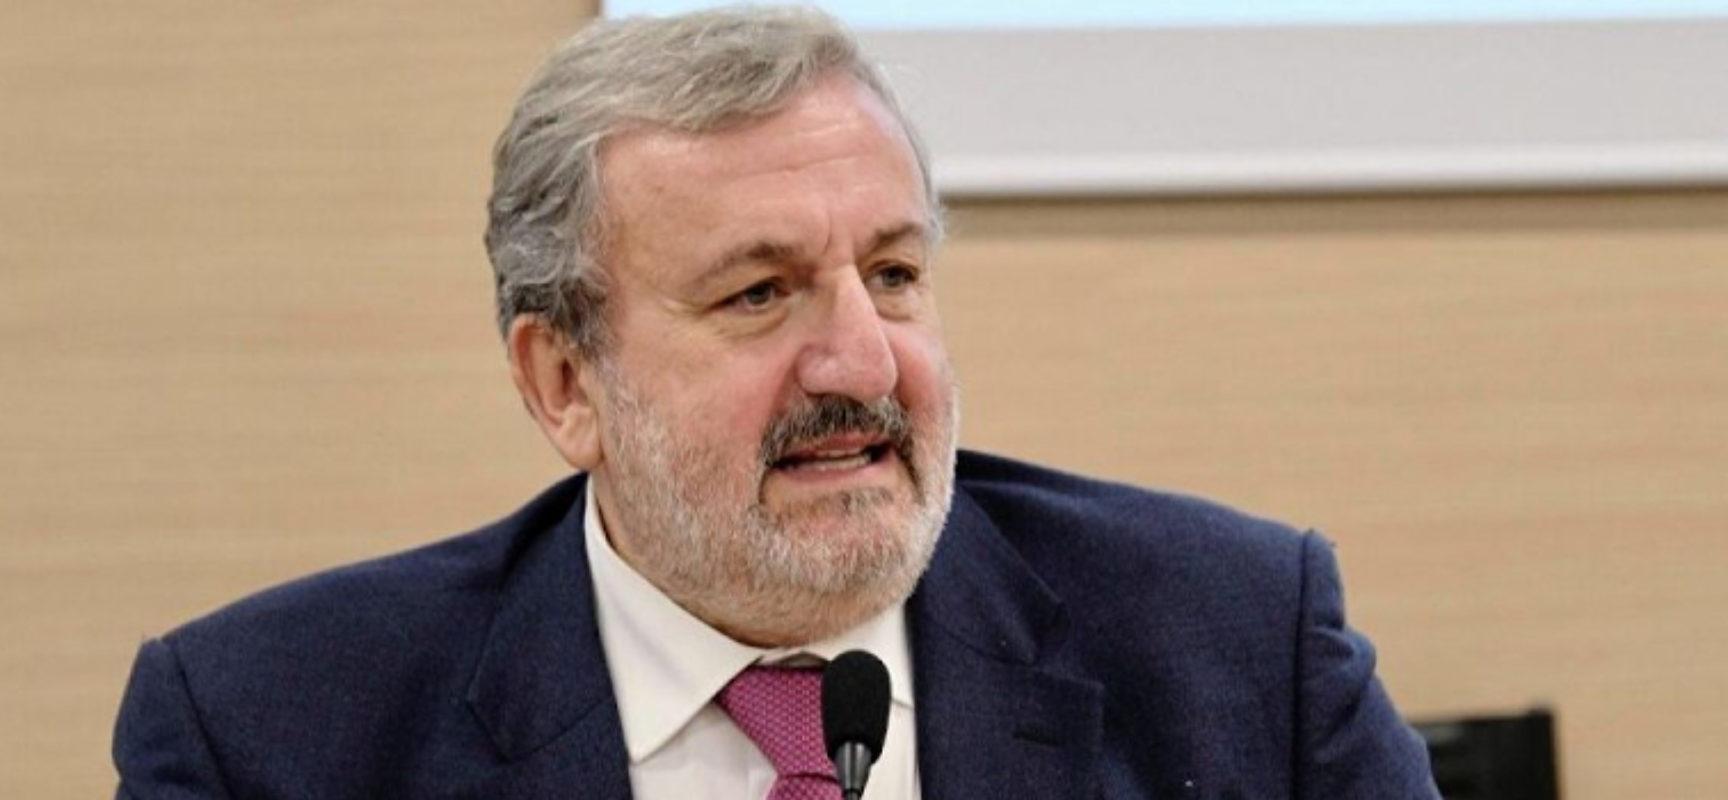 Scuola, modalità digitale integrata al 100% in Puglia: il testo dell'ordinanza di Emiliano